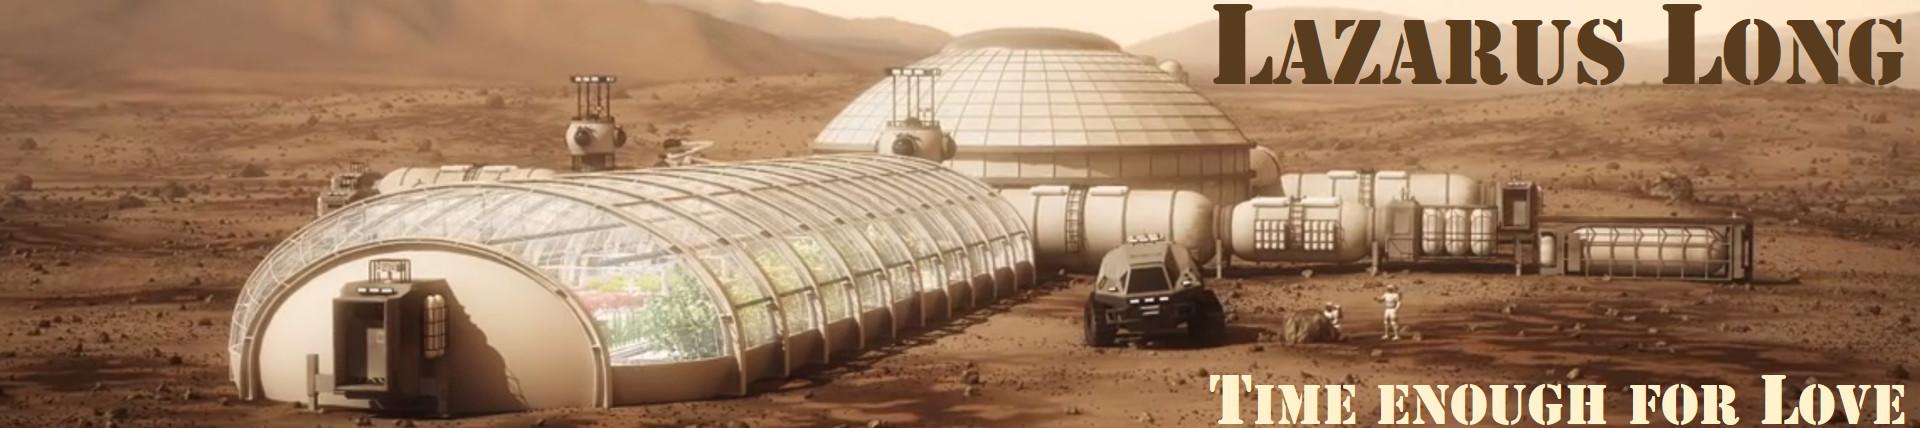 Mars image by Bryan Versteeg